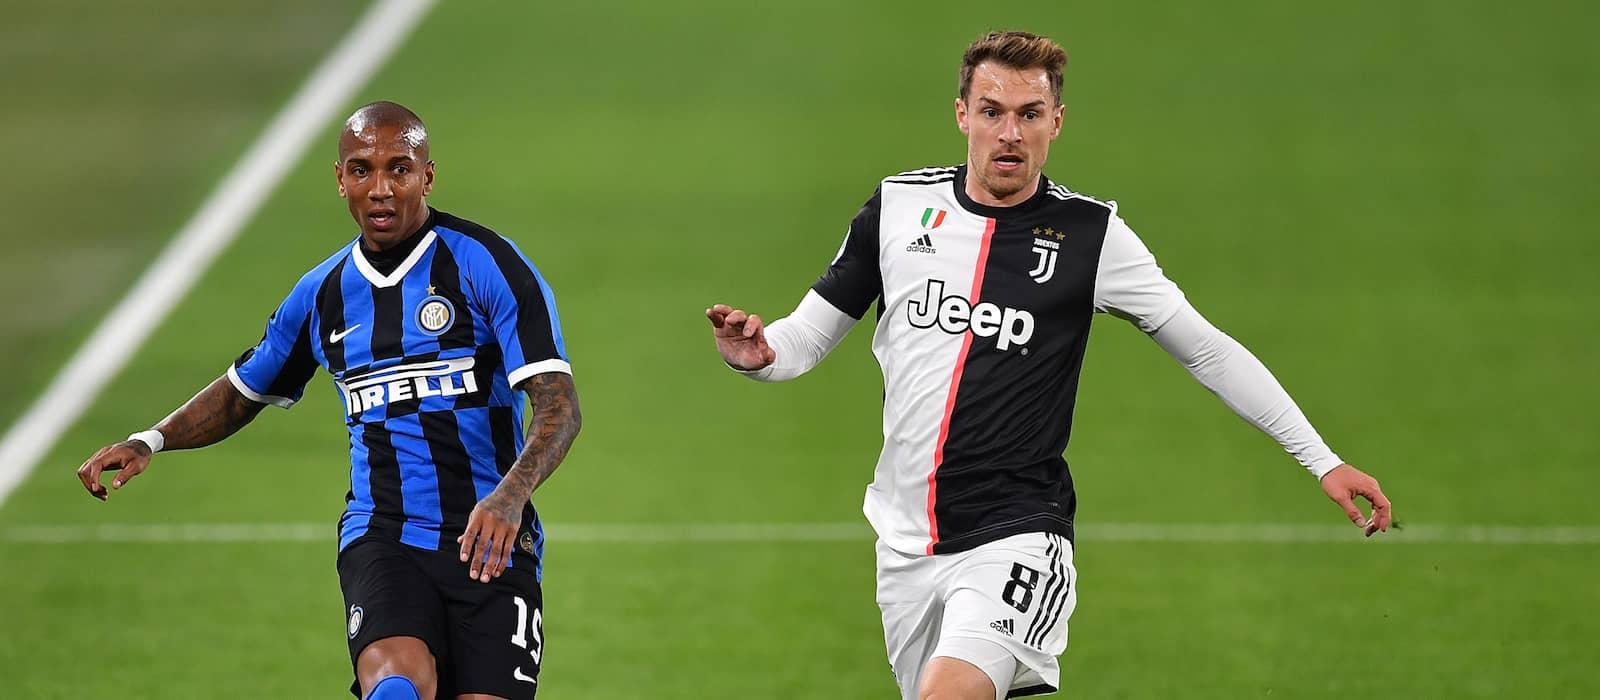 Juventus hatch plan to seal Paul Pogba transfer using Aaron Ramsey